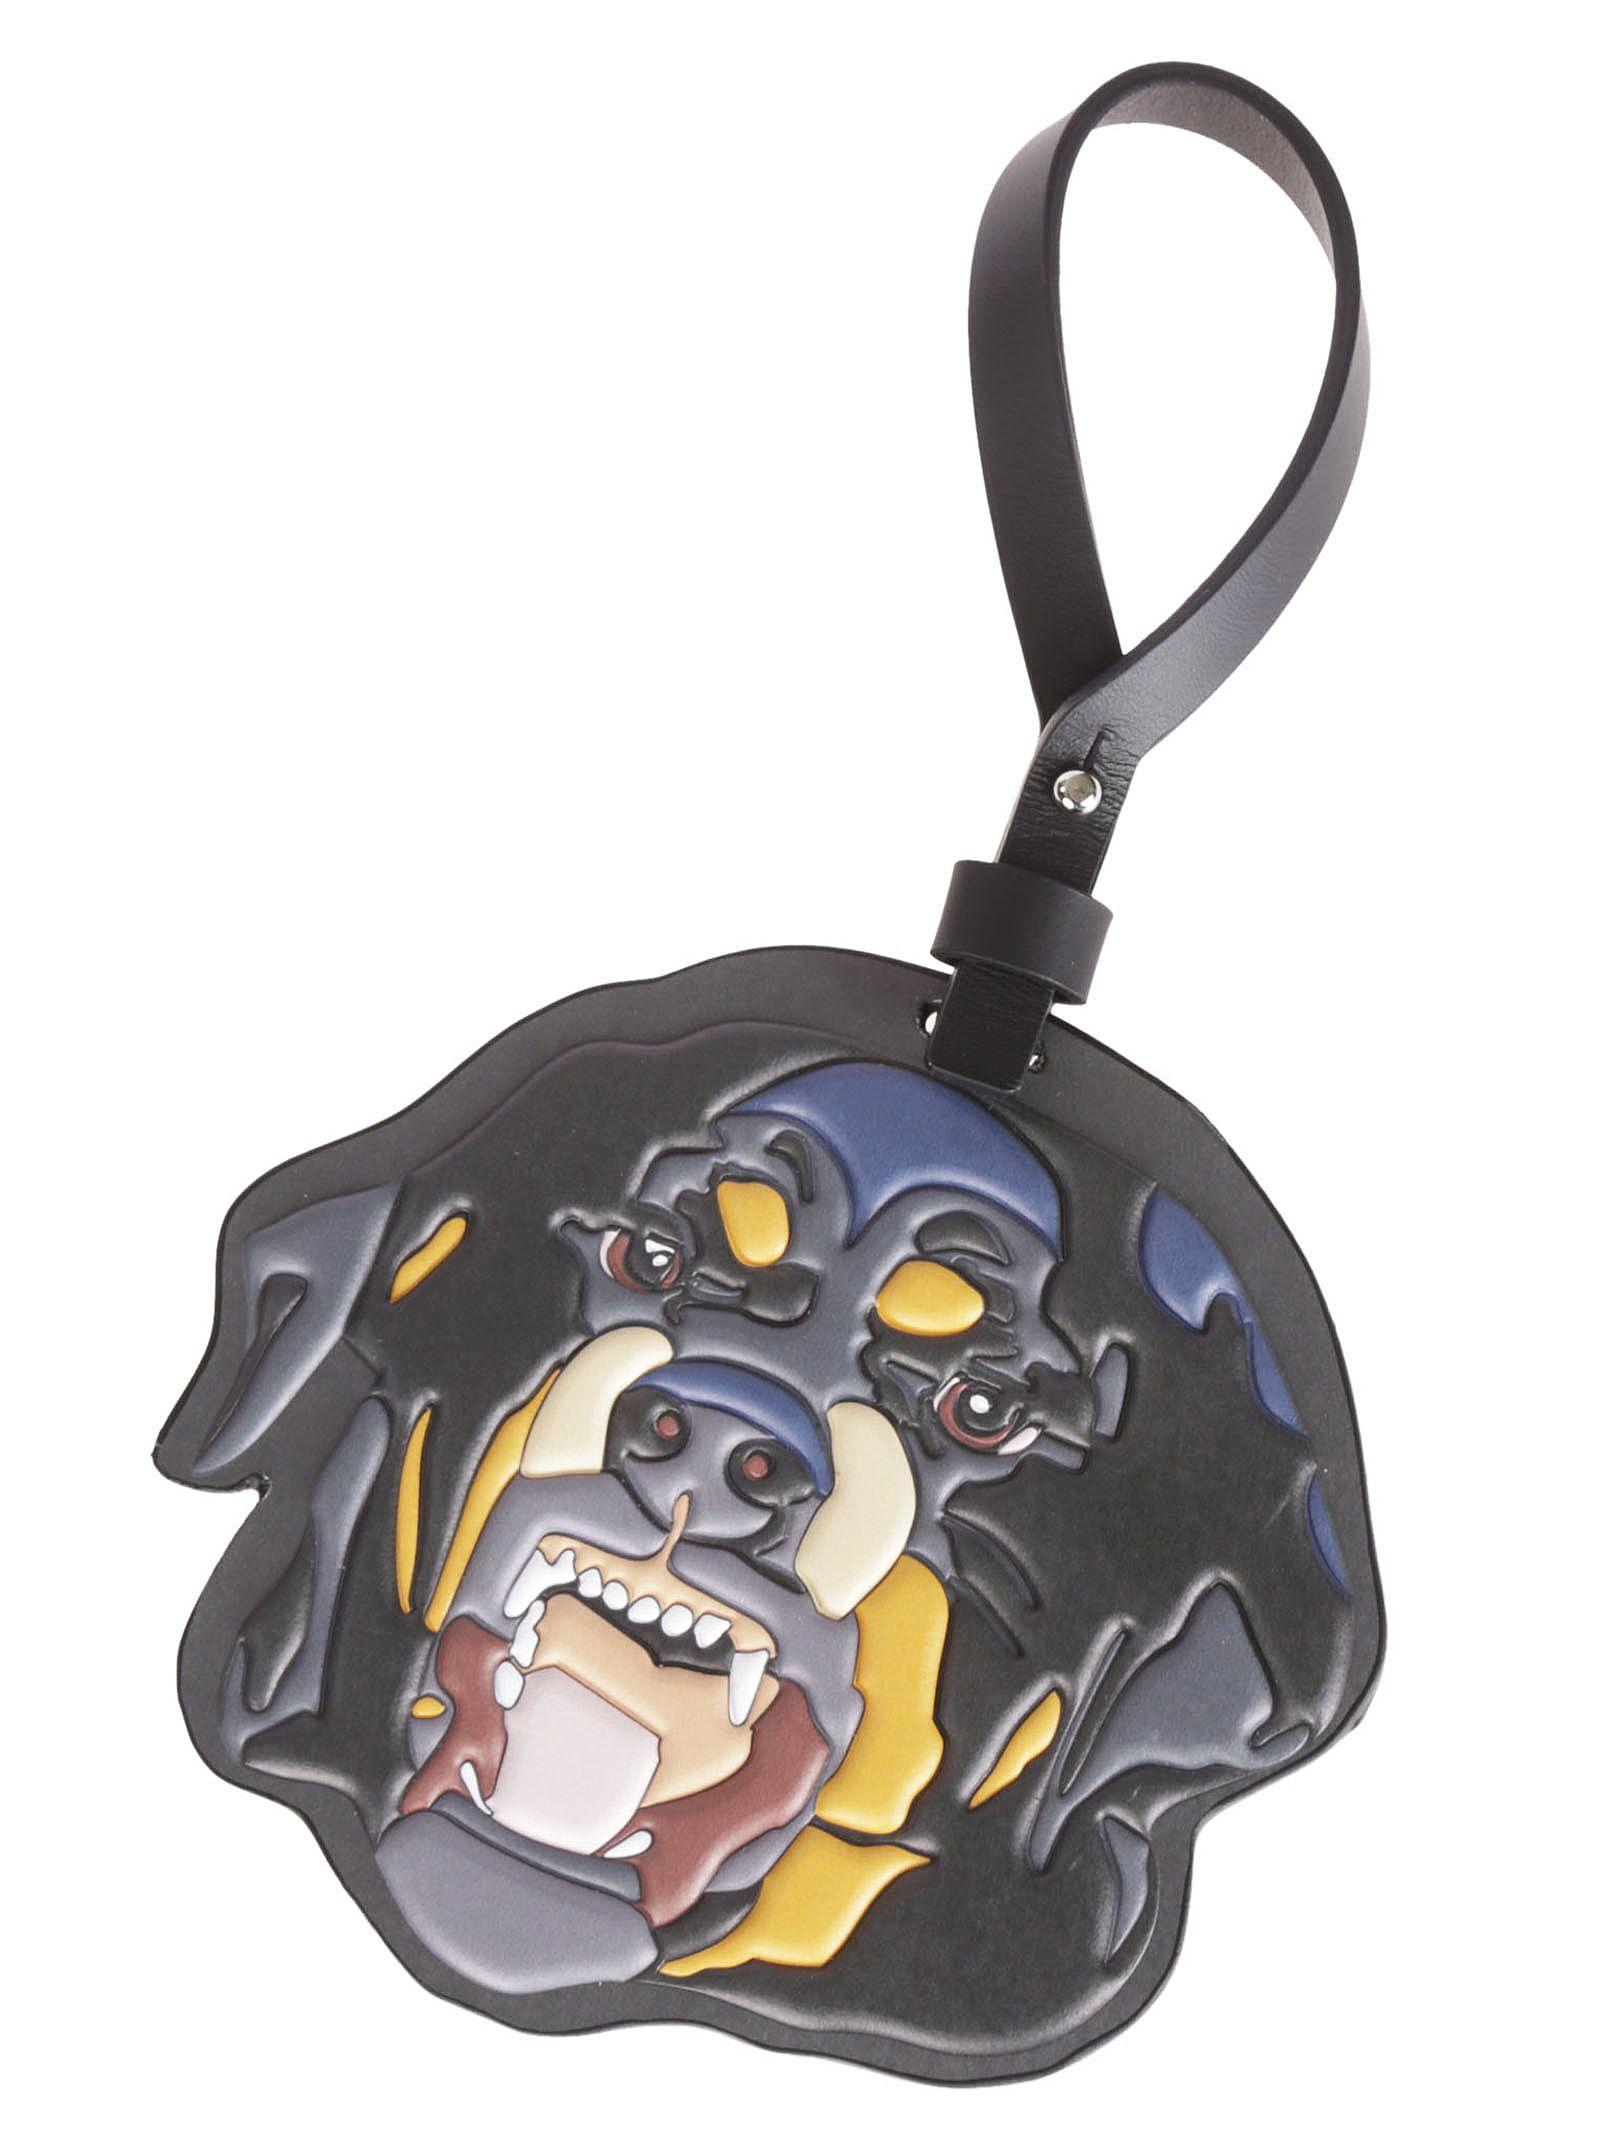 0913af7b1 Givenchy Rottweiler Bag Charm In Black | ModeSens